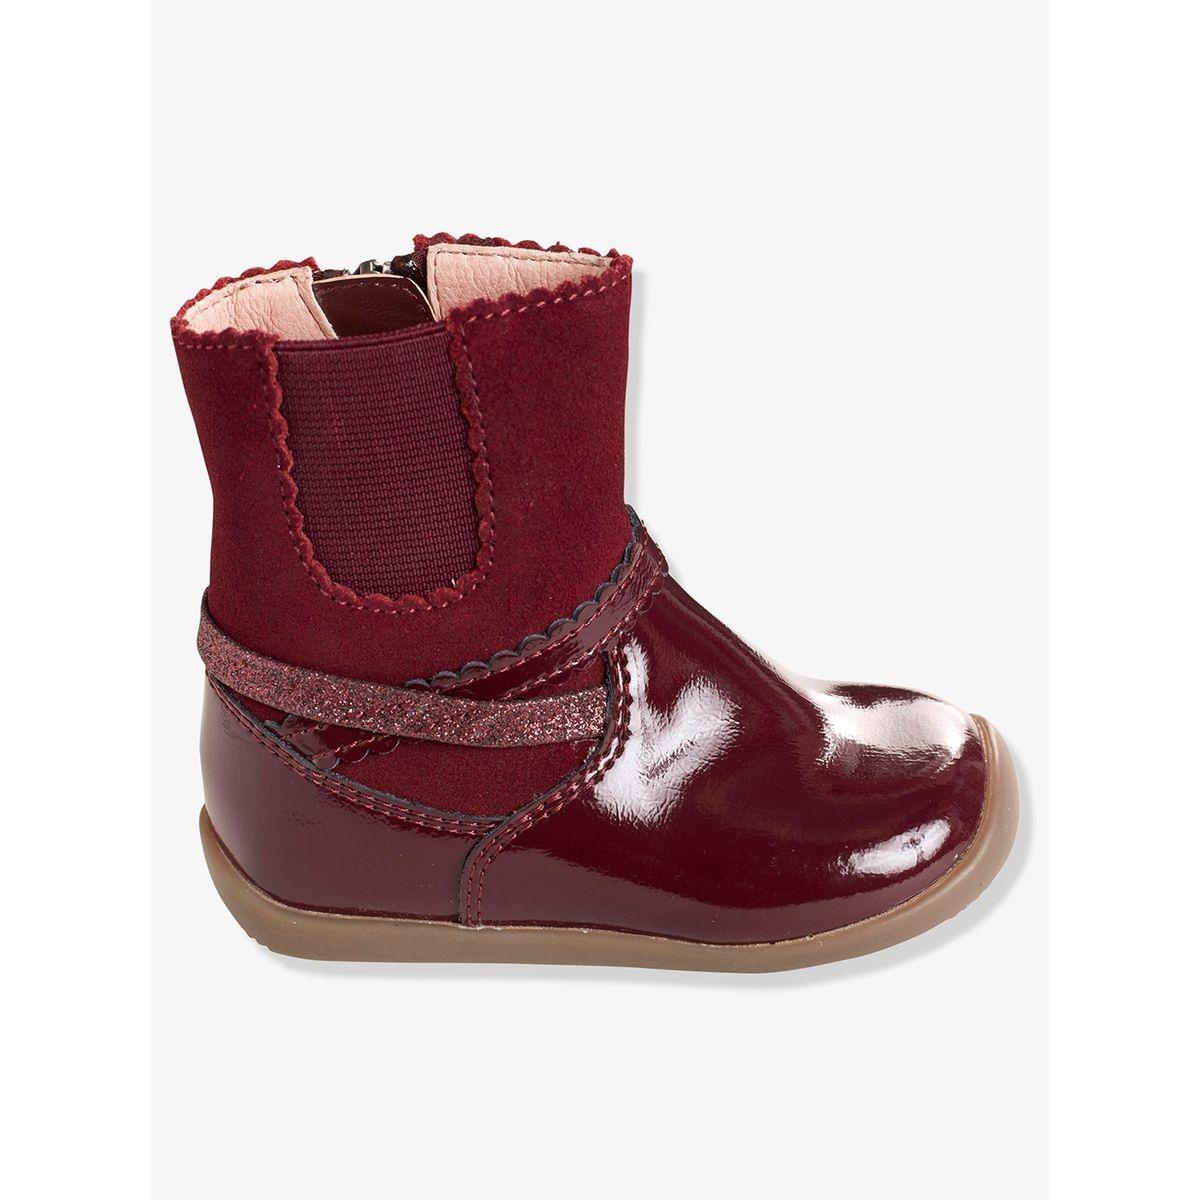 Boots cuir fille élastique côté